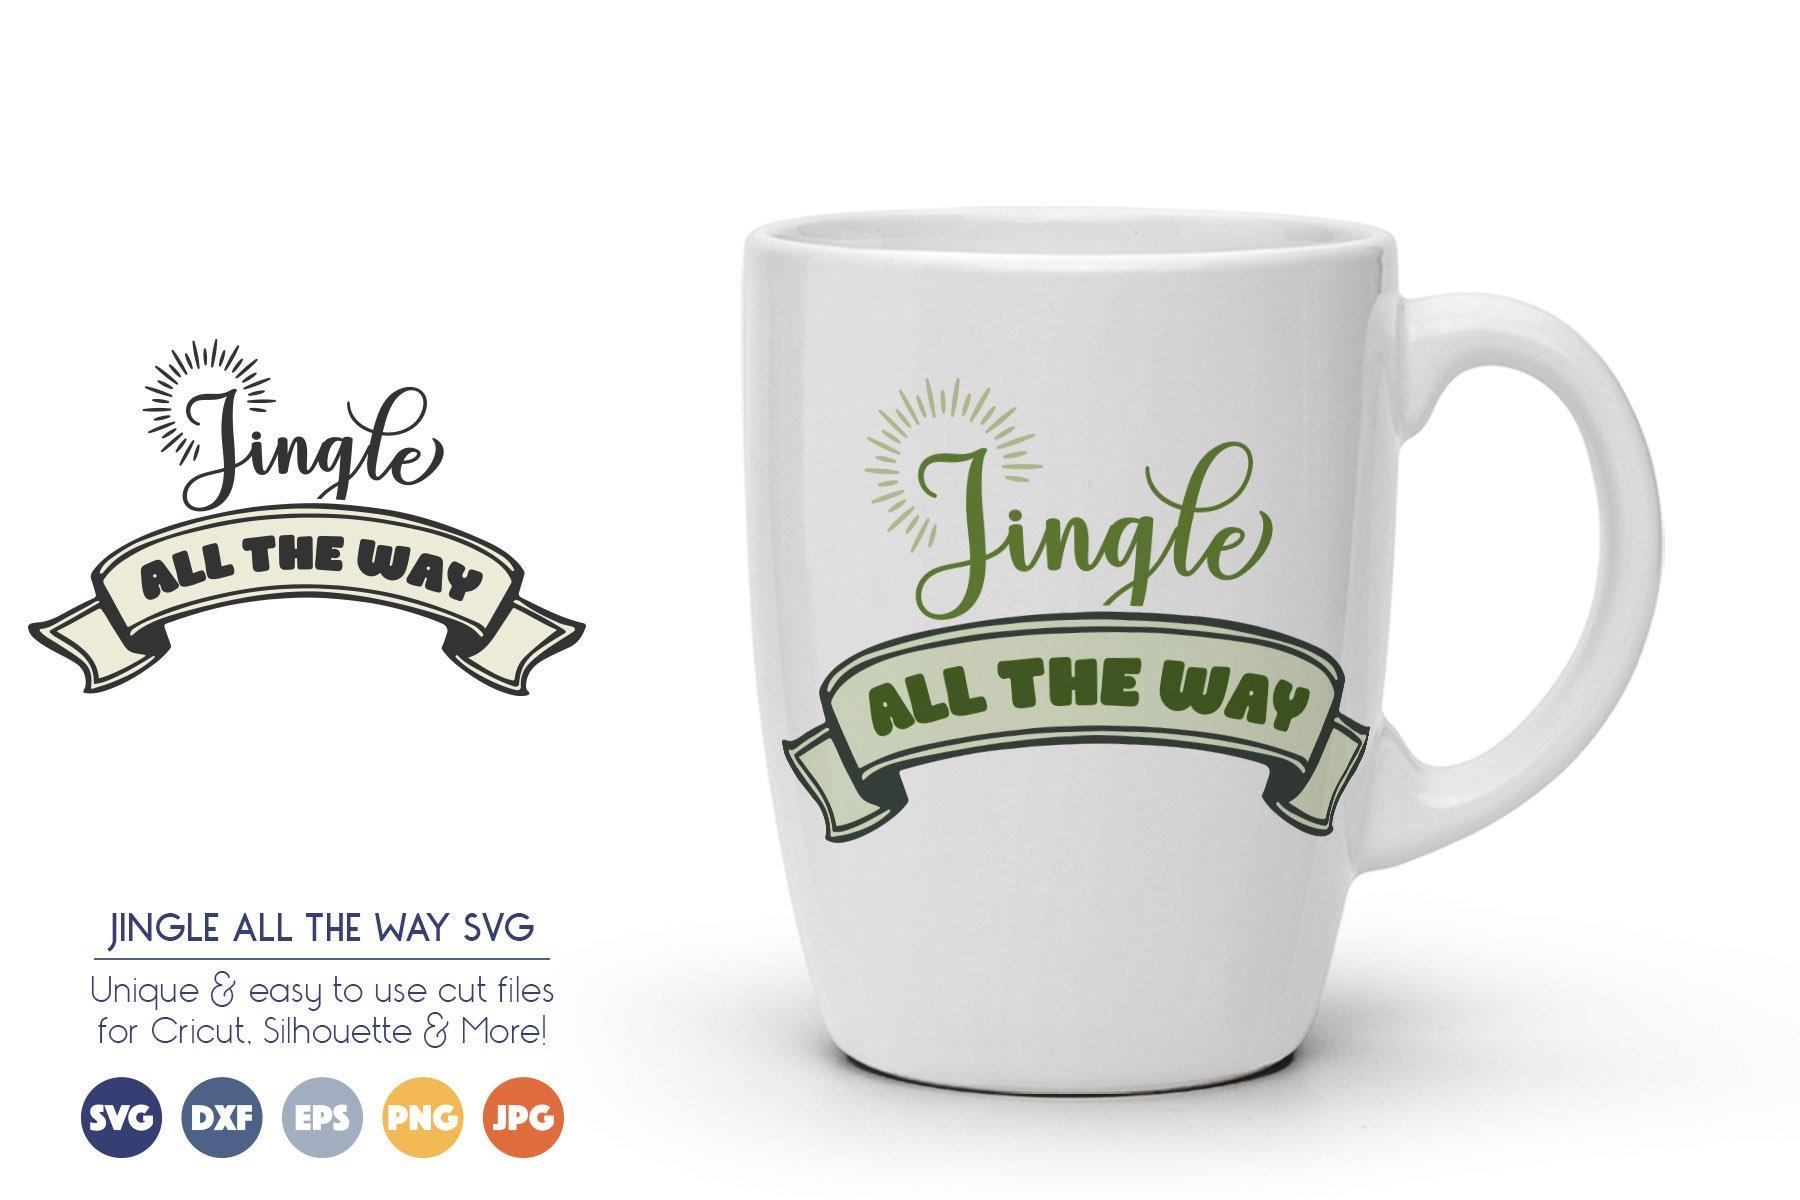 Jingle All the Way - Christmas SVG Files example image 1